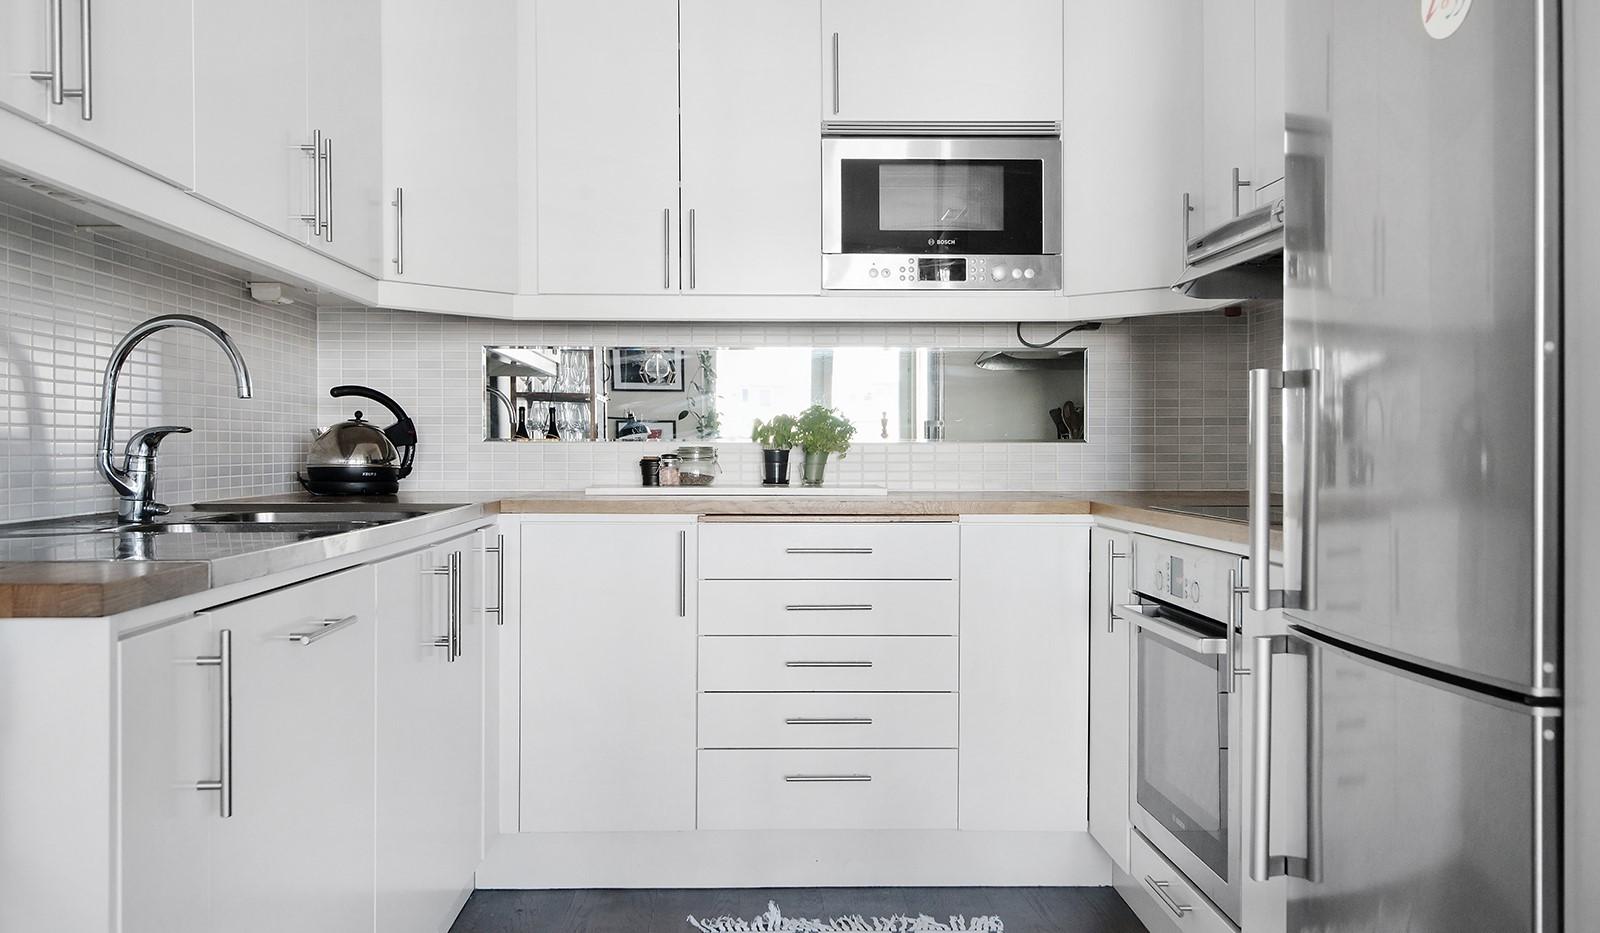 Sjöviksvägen 37, 5 tr - Stilrent kök med mycket förvaring bakom vita skåpsluckor